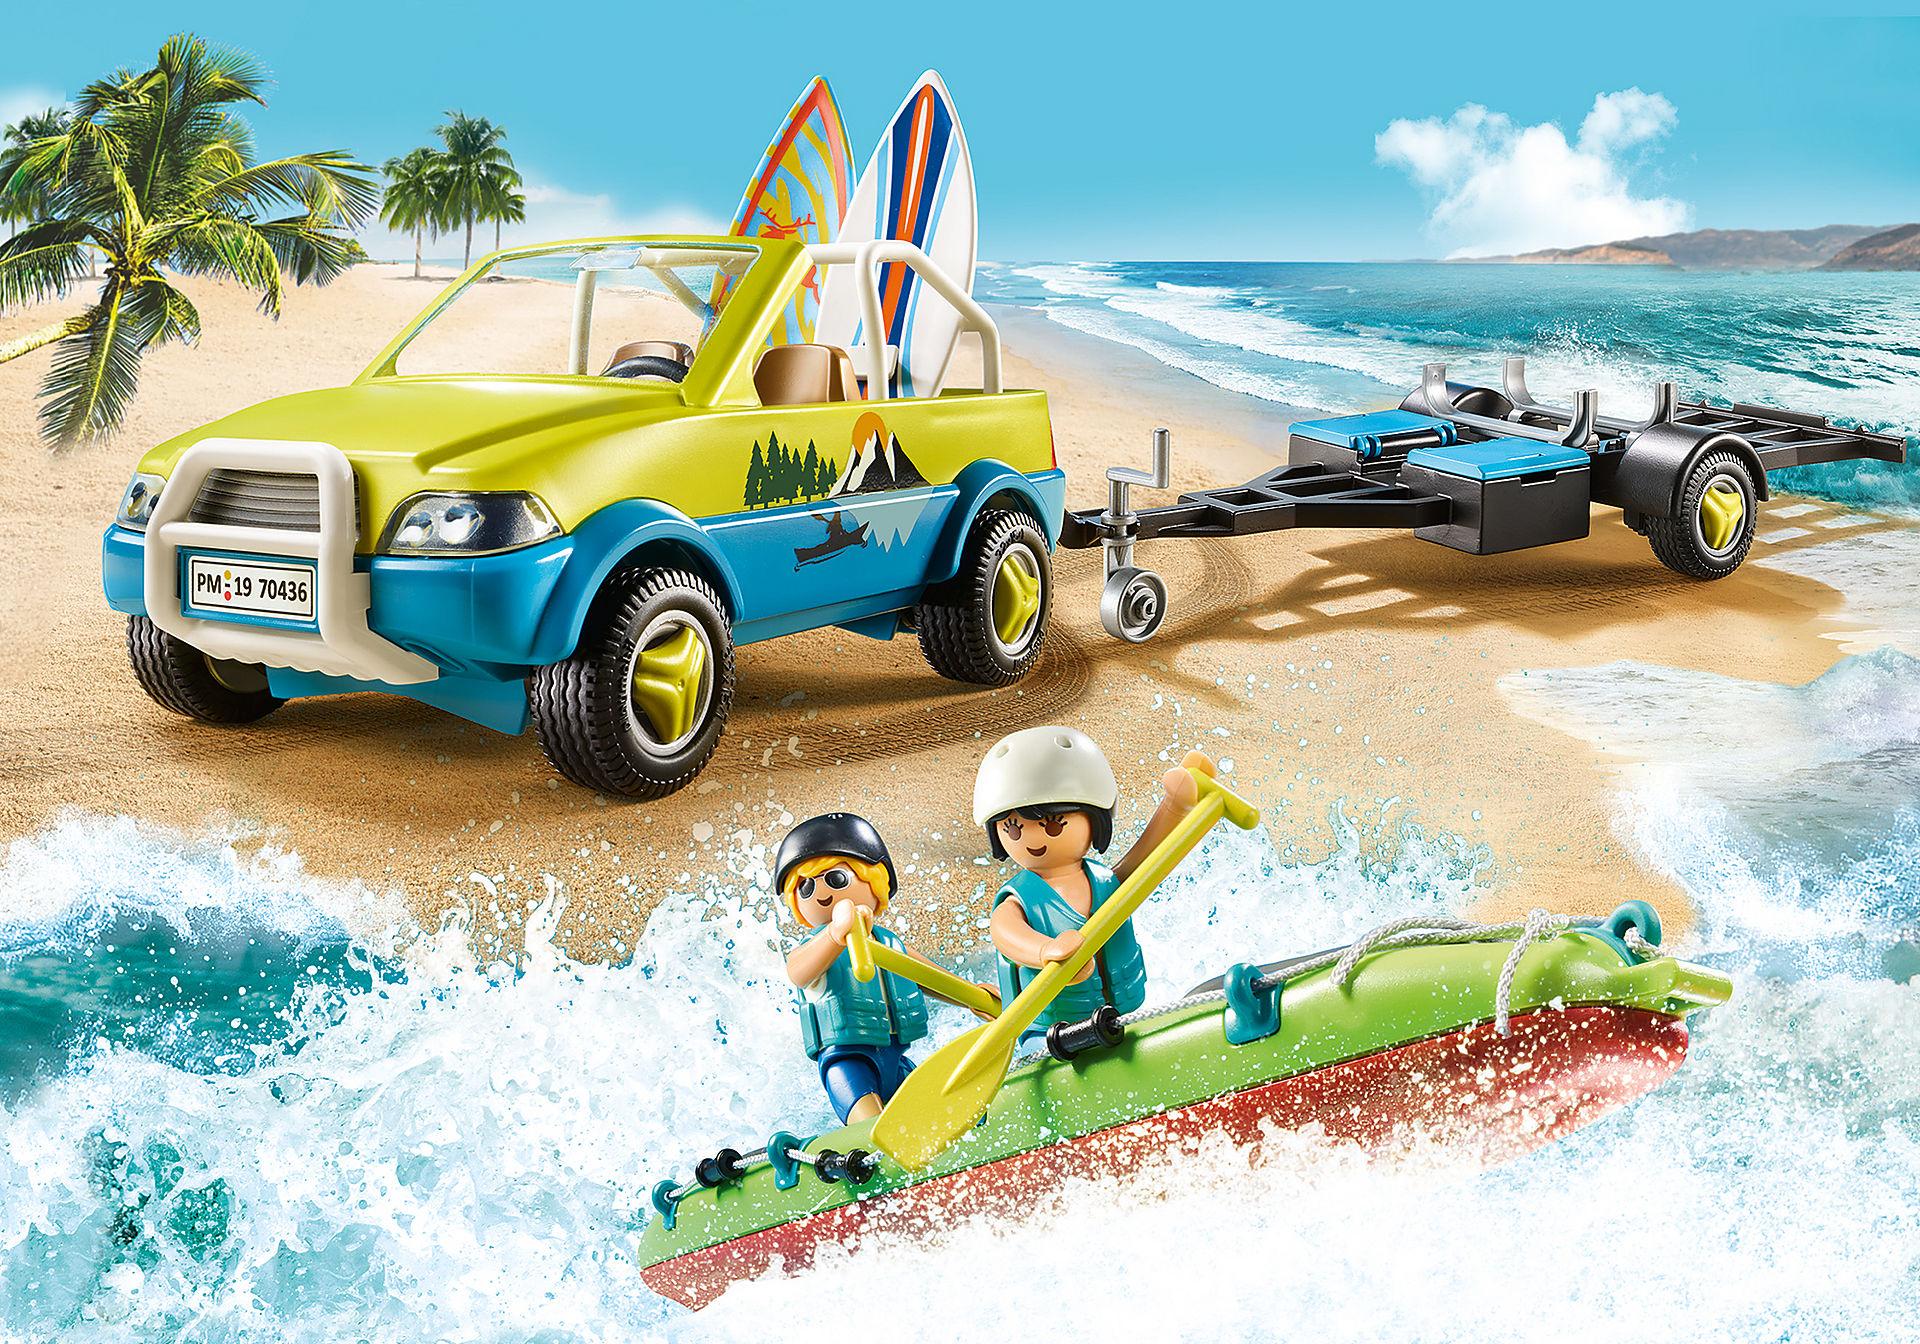 70436 Coche de Playa con Canoa zoom image1